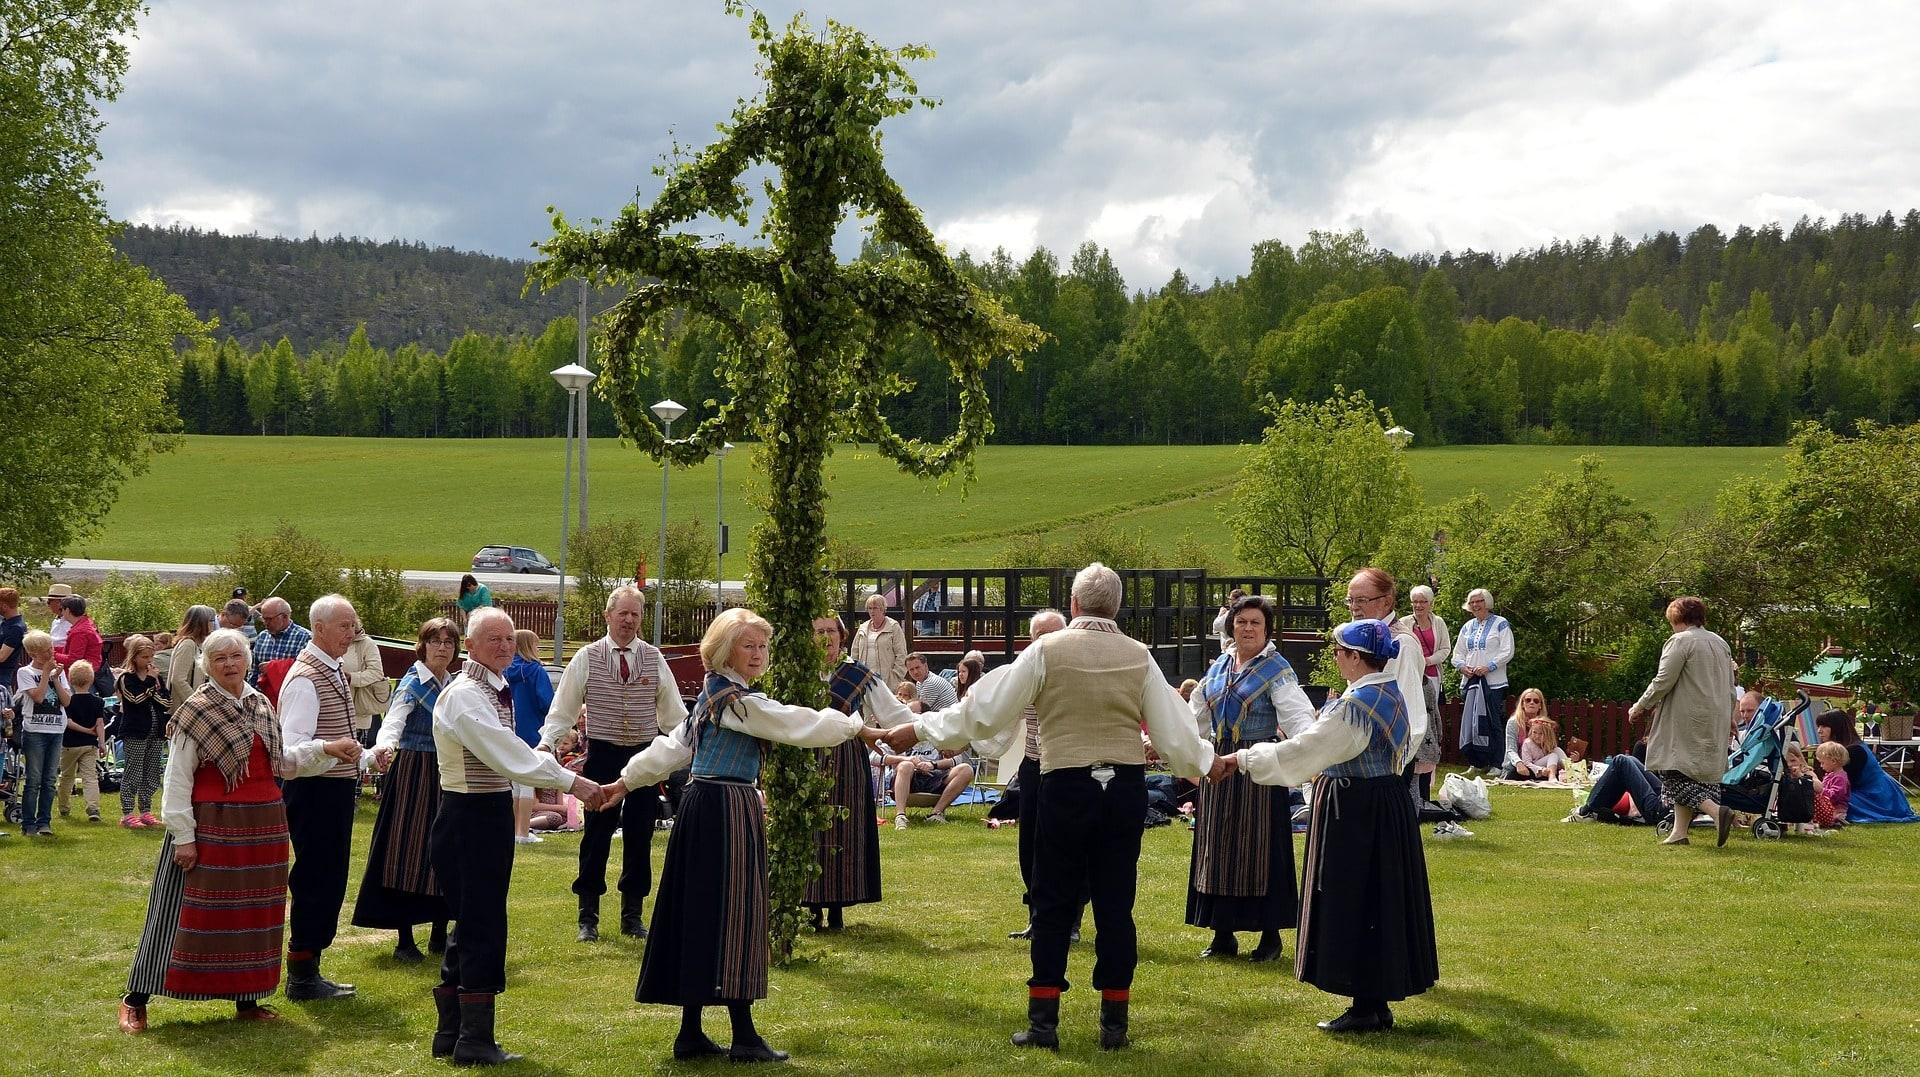 An Mittsommer tanzen die Schweden um den Maibaum